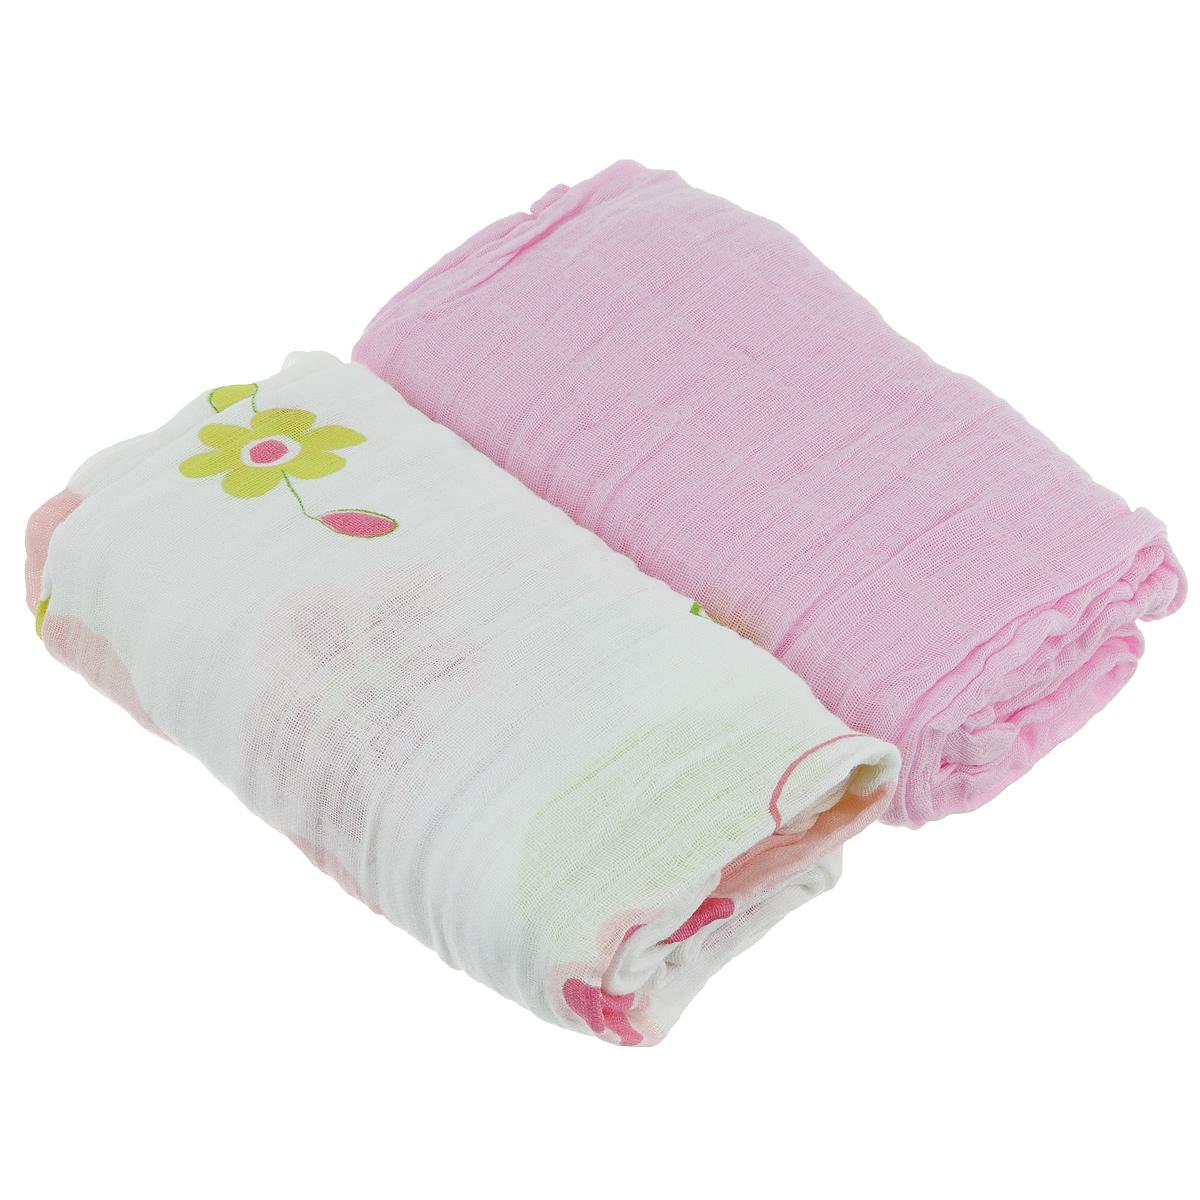 Пеленки Baby Nice муслиновые, цвет: розовый, 115 см х 115 см, 2 штL115Комплект Baby Nice состоит из двух нежных двухслойных муслиновых пеленок. Одна пеленка - однотонная, другая - с приятным красочным принтом. Изделия изготовлены из натурального 100% хлопка. Пеленка - это простая, удобная, привычная и доступная одежда для новорожденного. Пеленки легкие и воздушные и хорошо вентилируются. Благодаря особой технологии переплетения нитей и специальной отделки пряжи, муслиновые пеленки приобрели улучшенную мягкость и гигроскопичность. Легкие и дышащие, эластичные и практичные, такие пеленки хорошо пропускают воздух, впитывают влагу и прекрасно отдают тепло. Они создадут вашему малышу ощущение свежести и комфорта. Пеленки из хлопкового муслина неприхотливы в использовании и в уходе, они не деформируются. Новорожденному малышу для стимулирования развития необходимо постоянно испытывать тактильные ощущения, ощущать прикосновения к коже. Малыш попадает в огромное для него свободное пространство, которое намного больше...